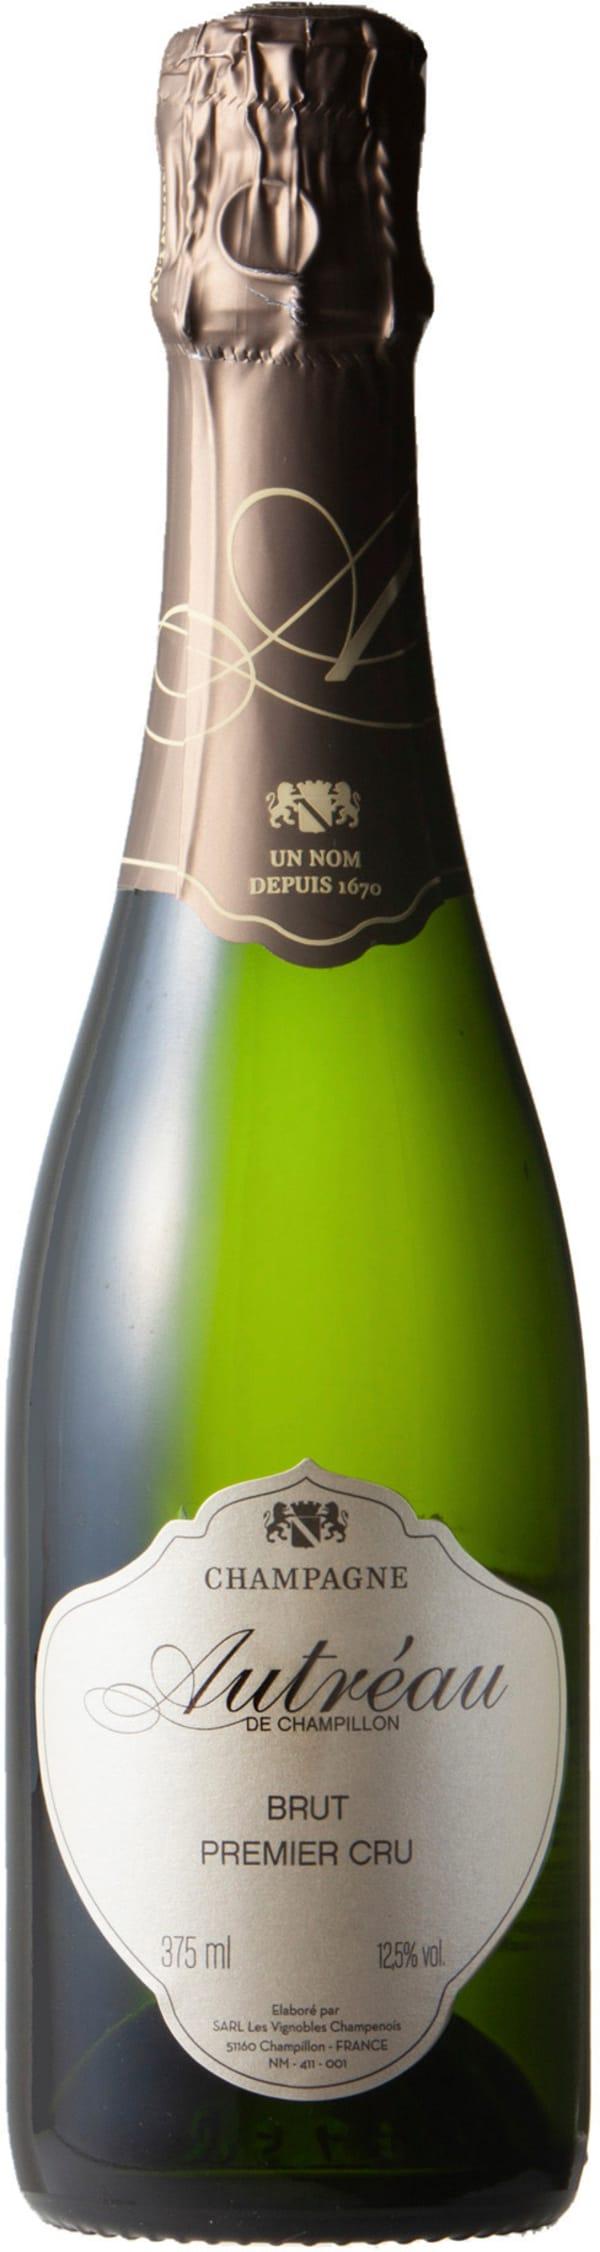 Autréau Premier Cru Champagne Brut